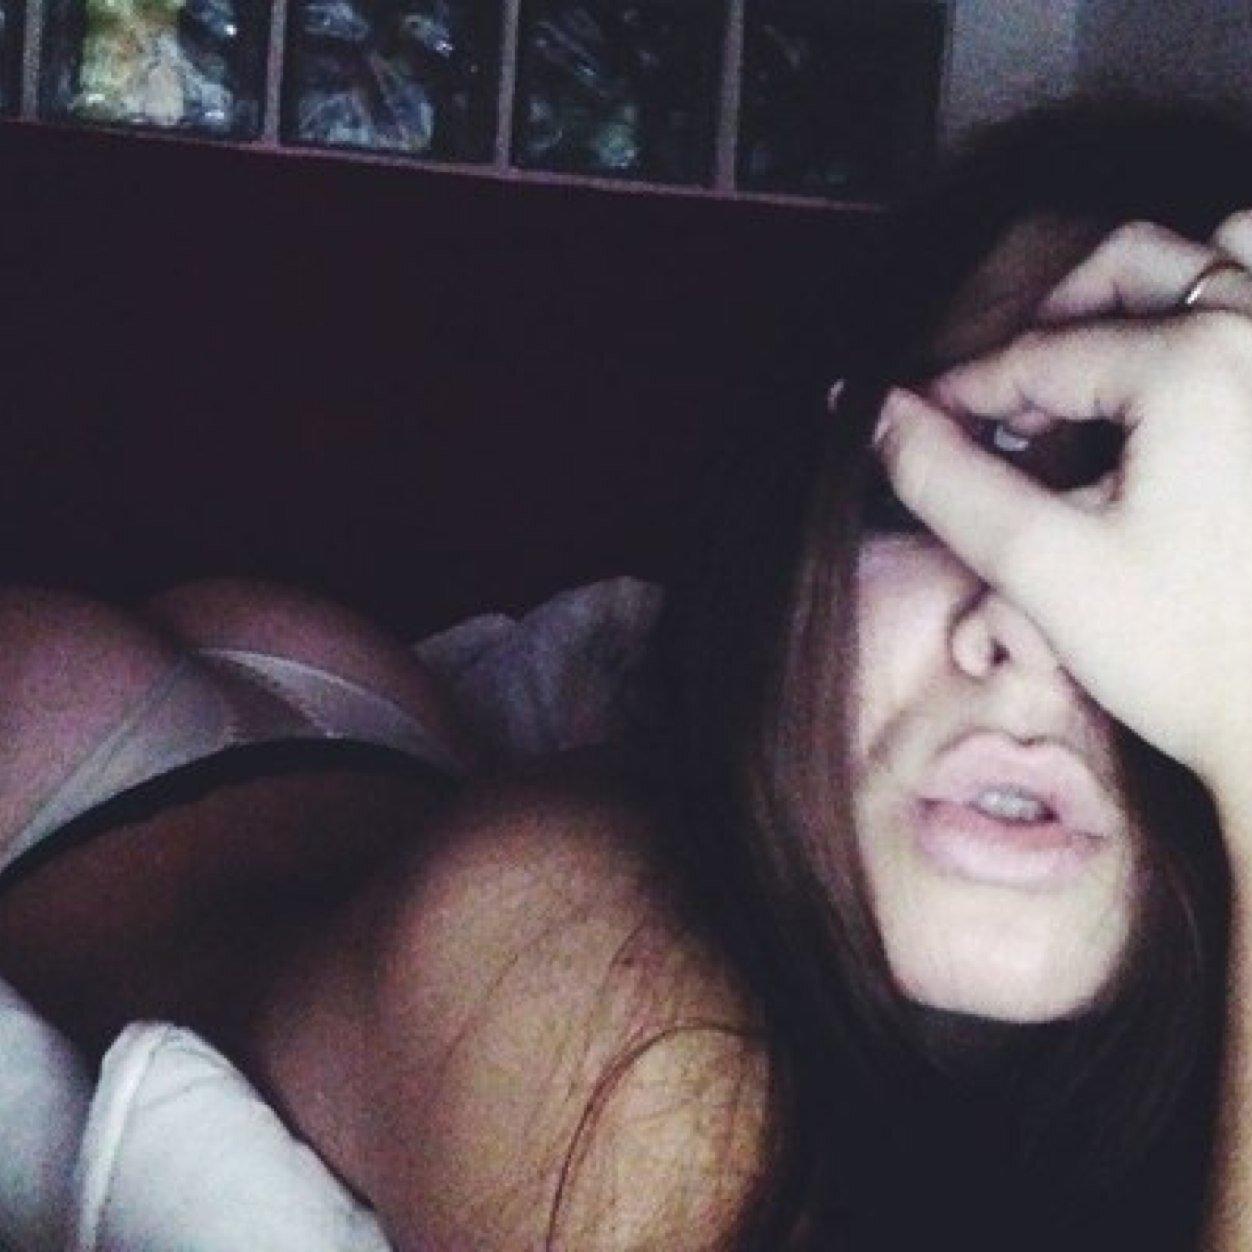 Я девушка хочу увидеть член по скайпу 10 фотография